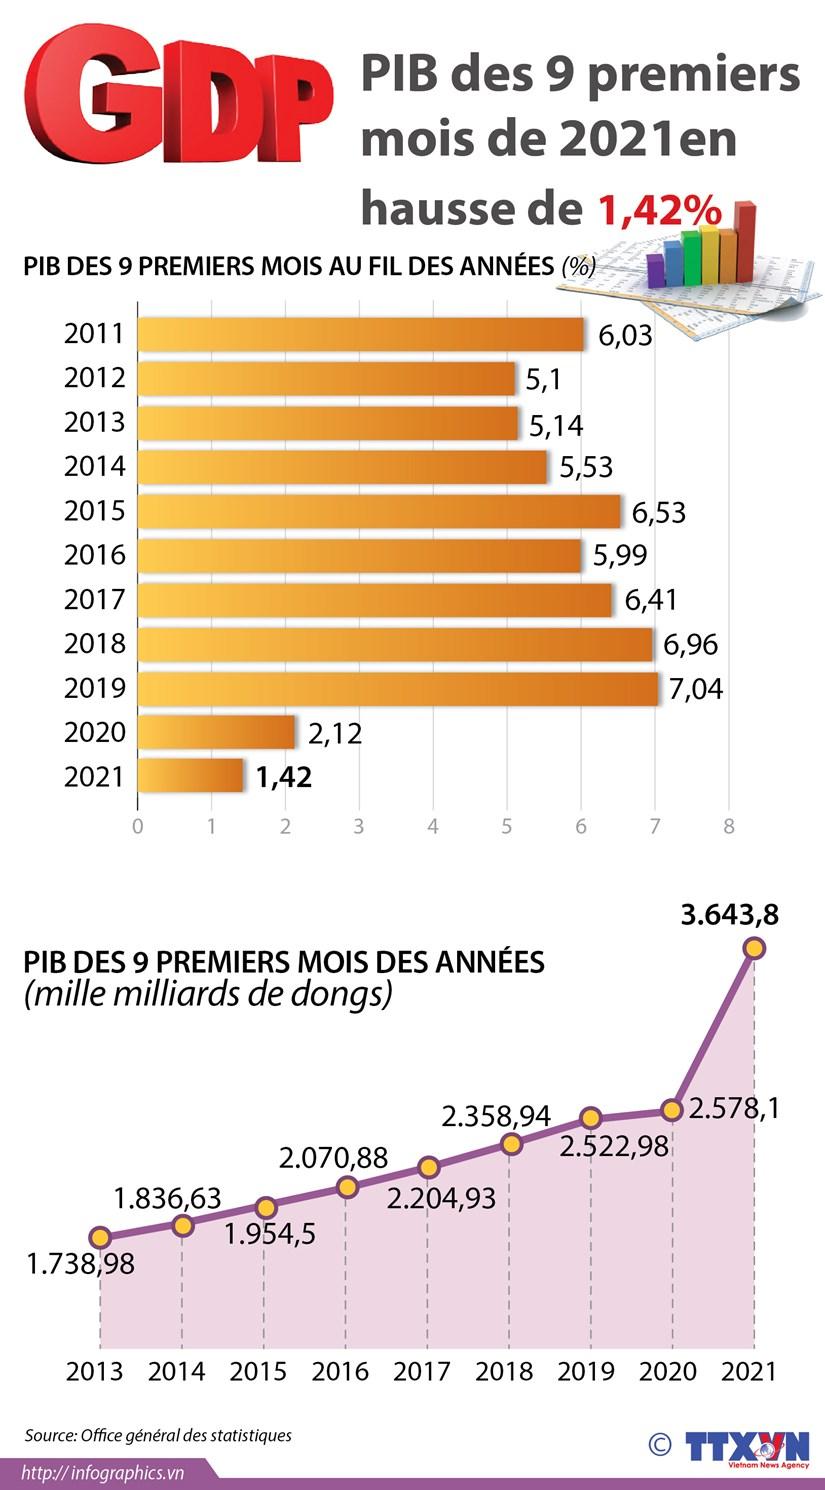 PIB des 9 premiers mois de 2021 en hausse de 1,42% hinh anh 1